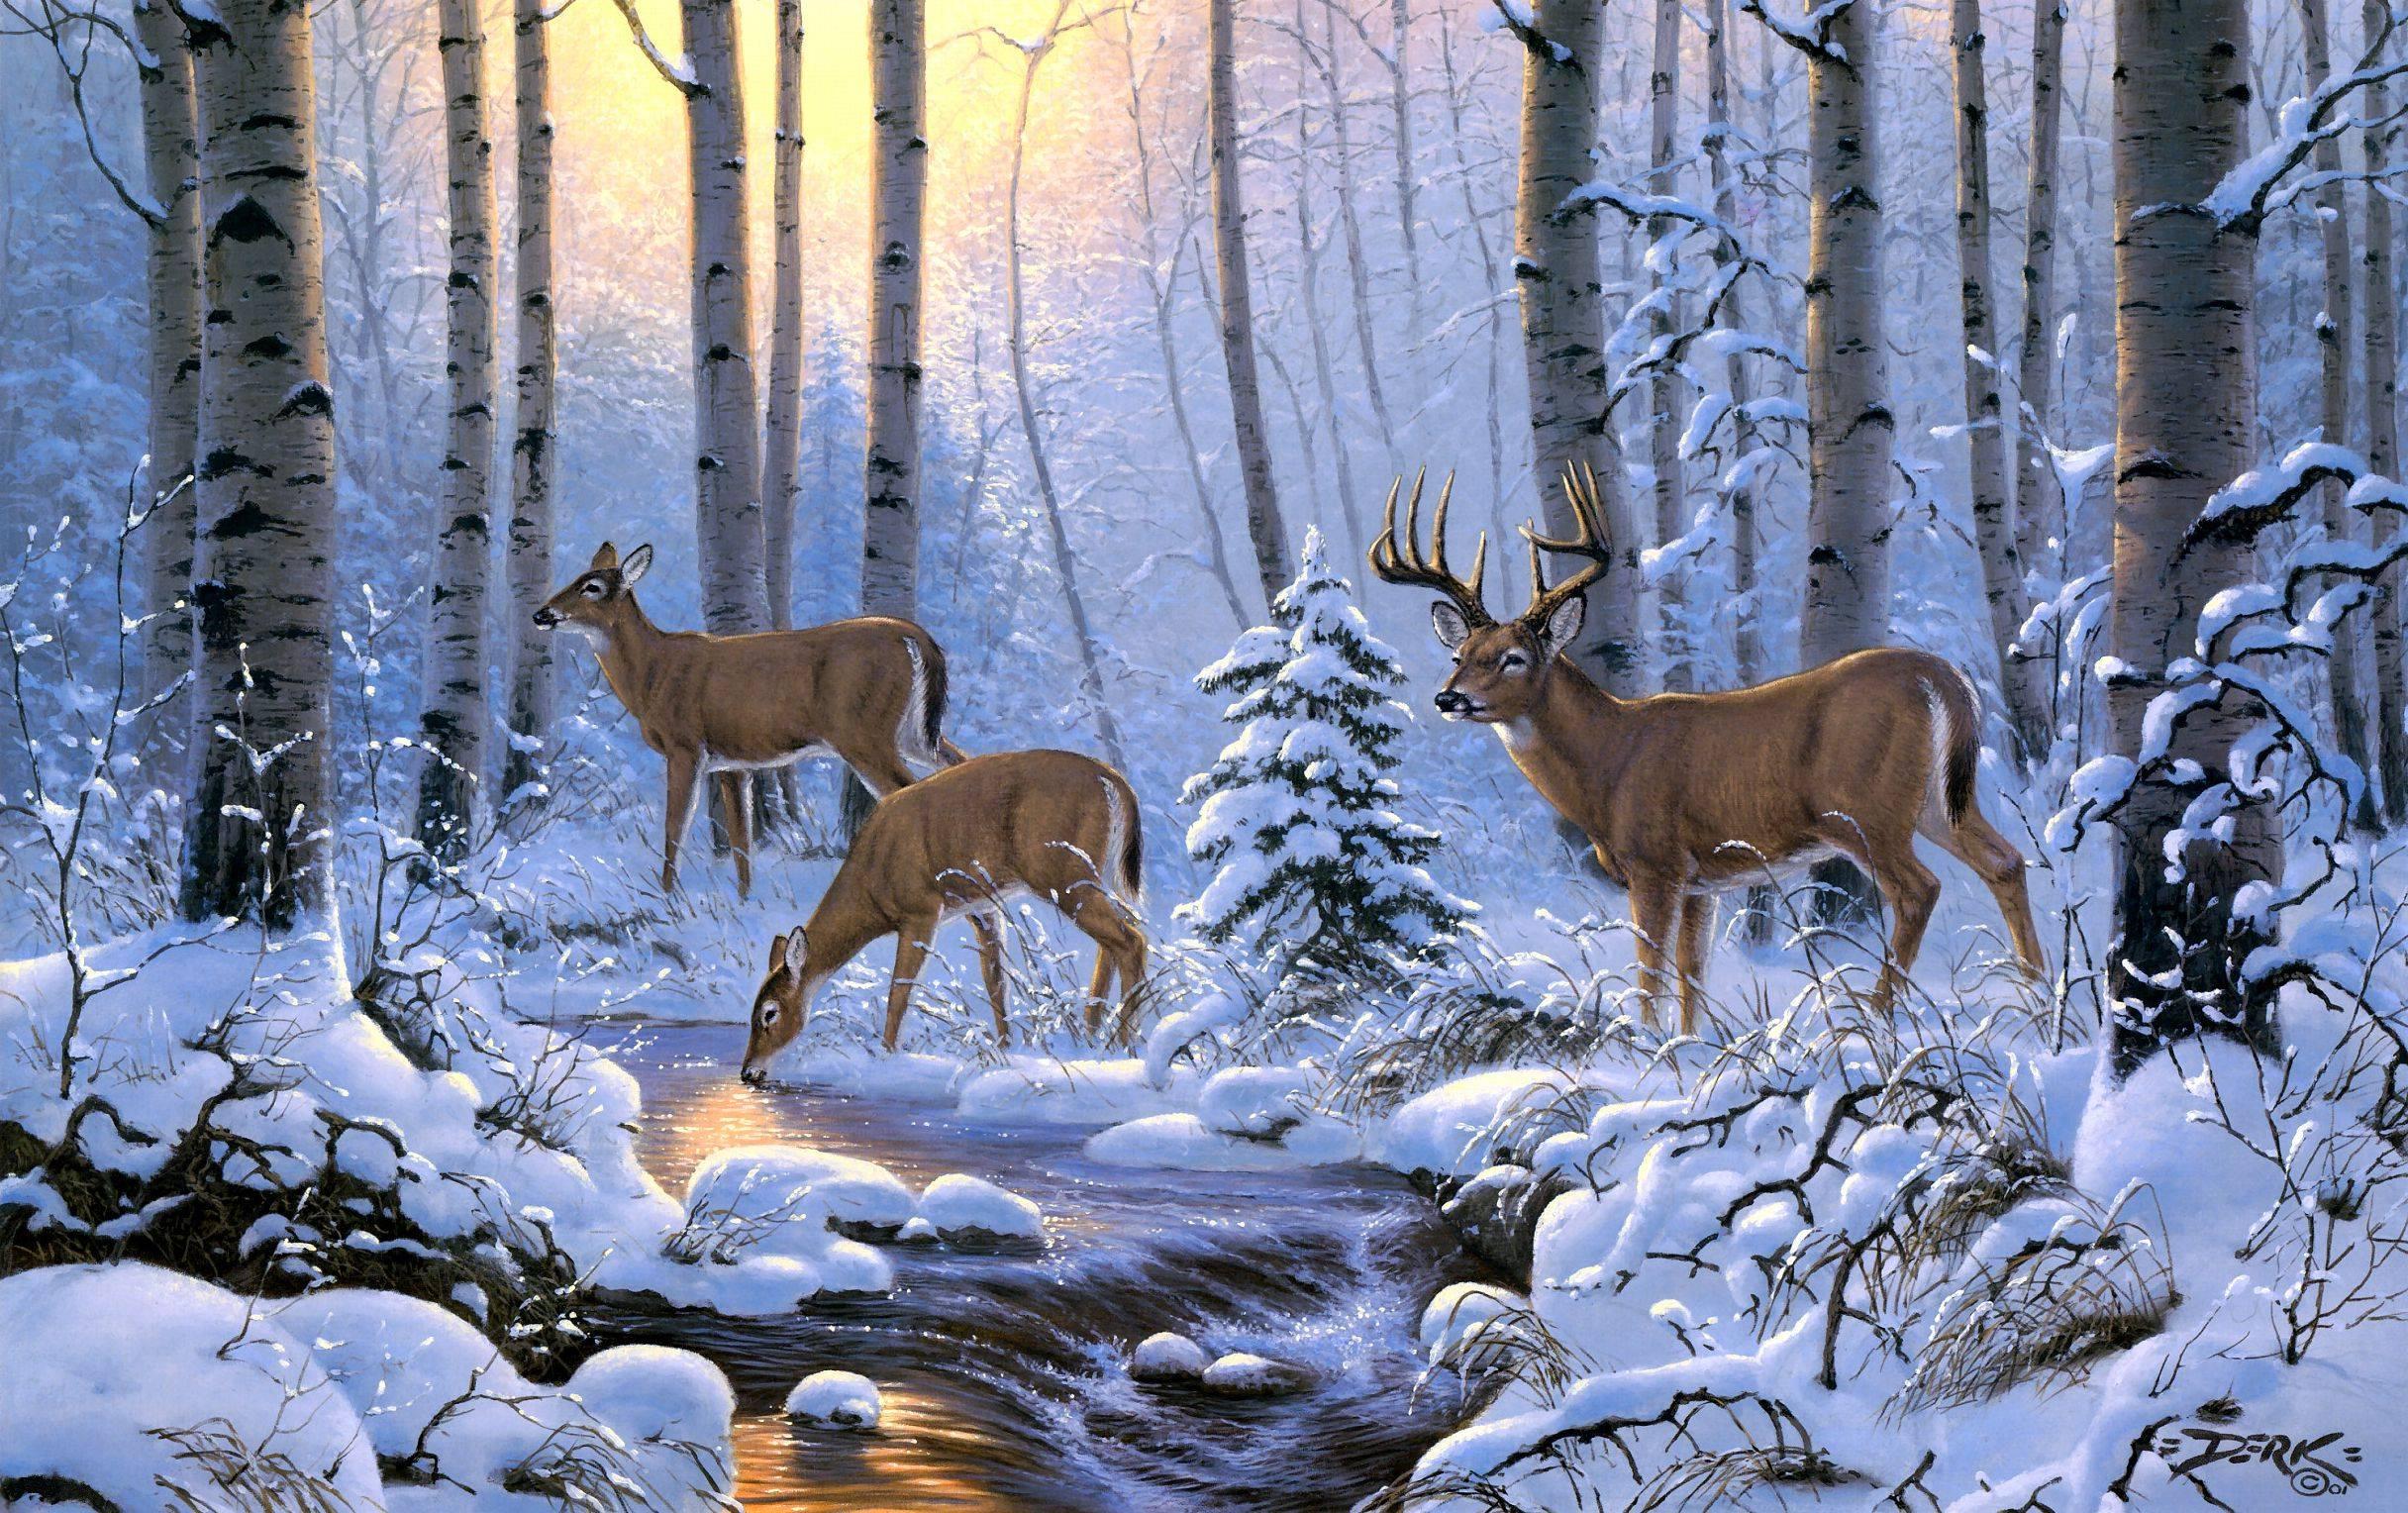 deer wallpaper for my desktop - photo #17